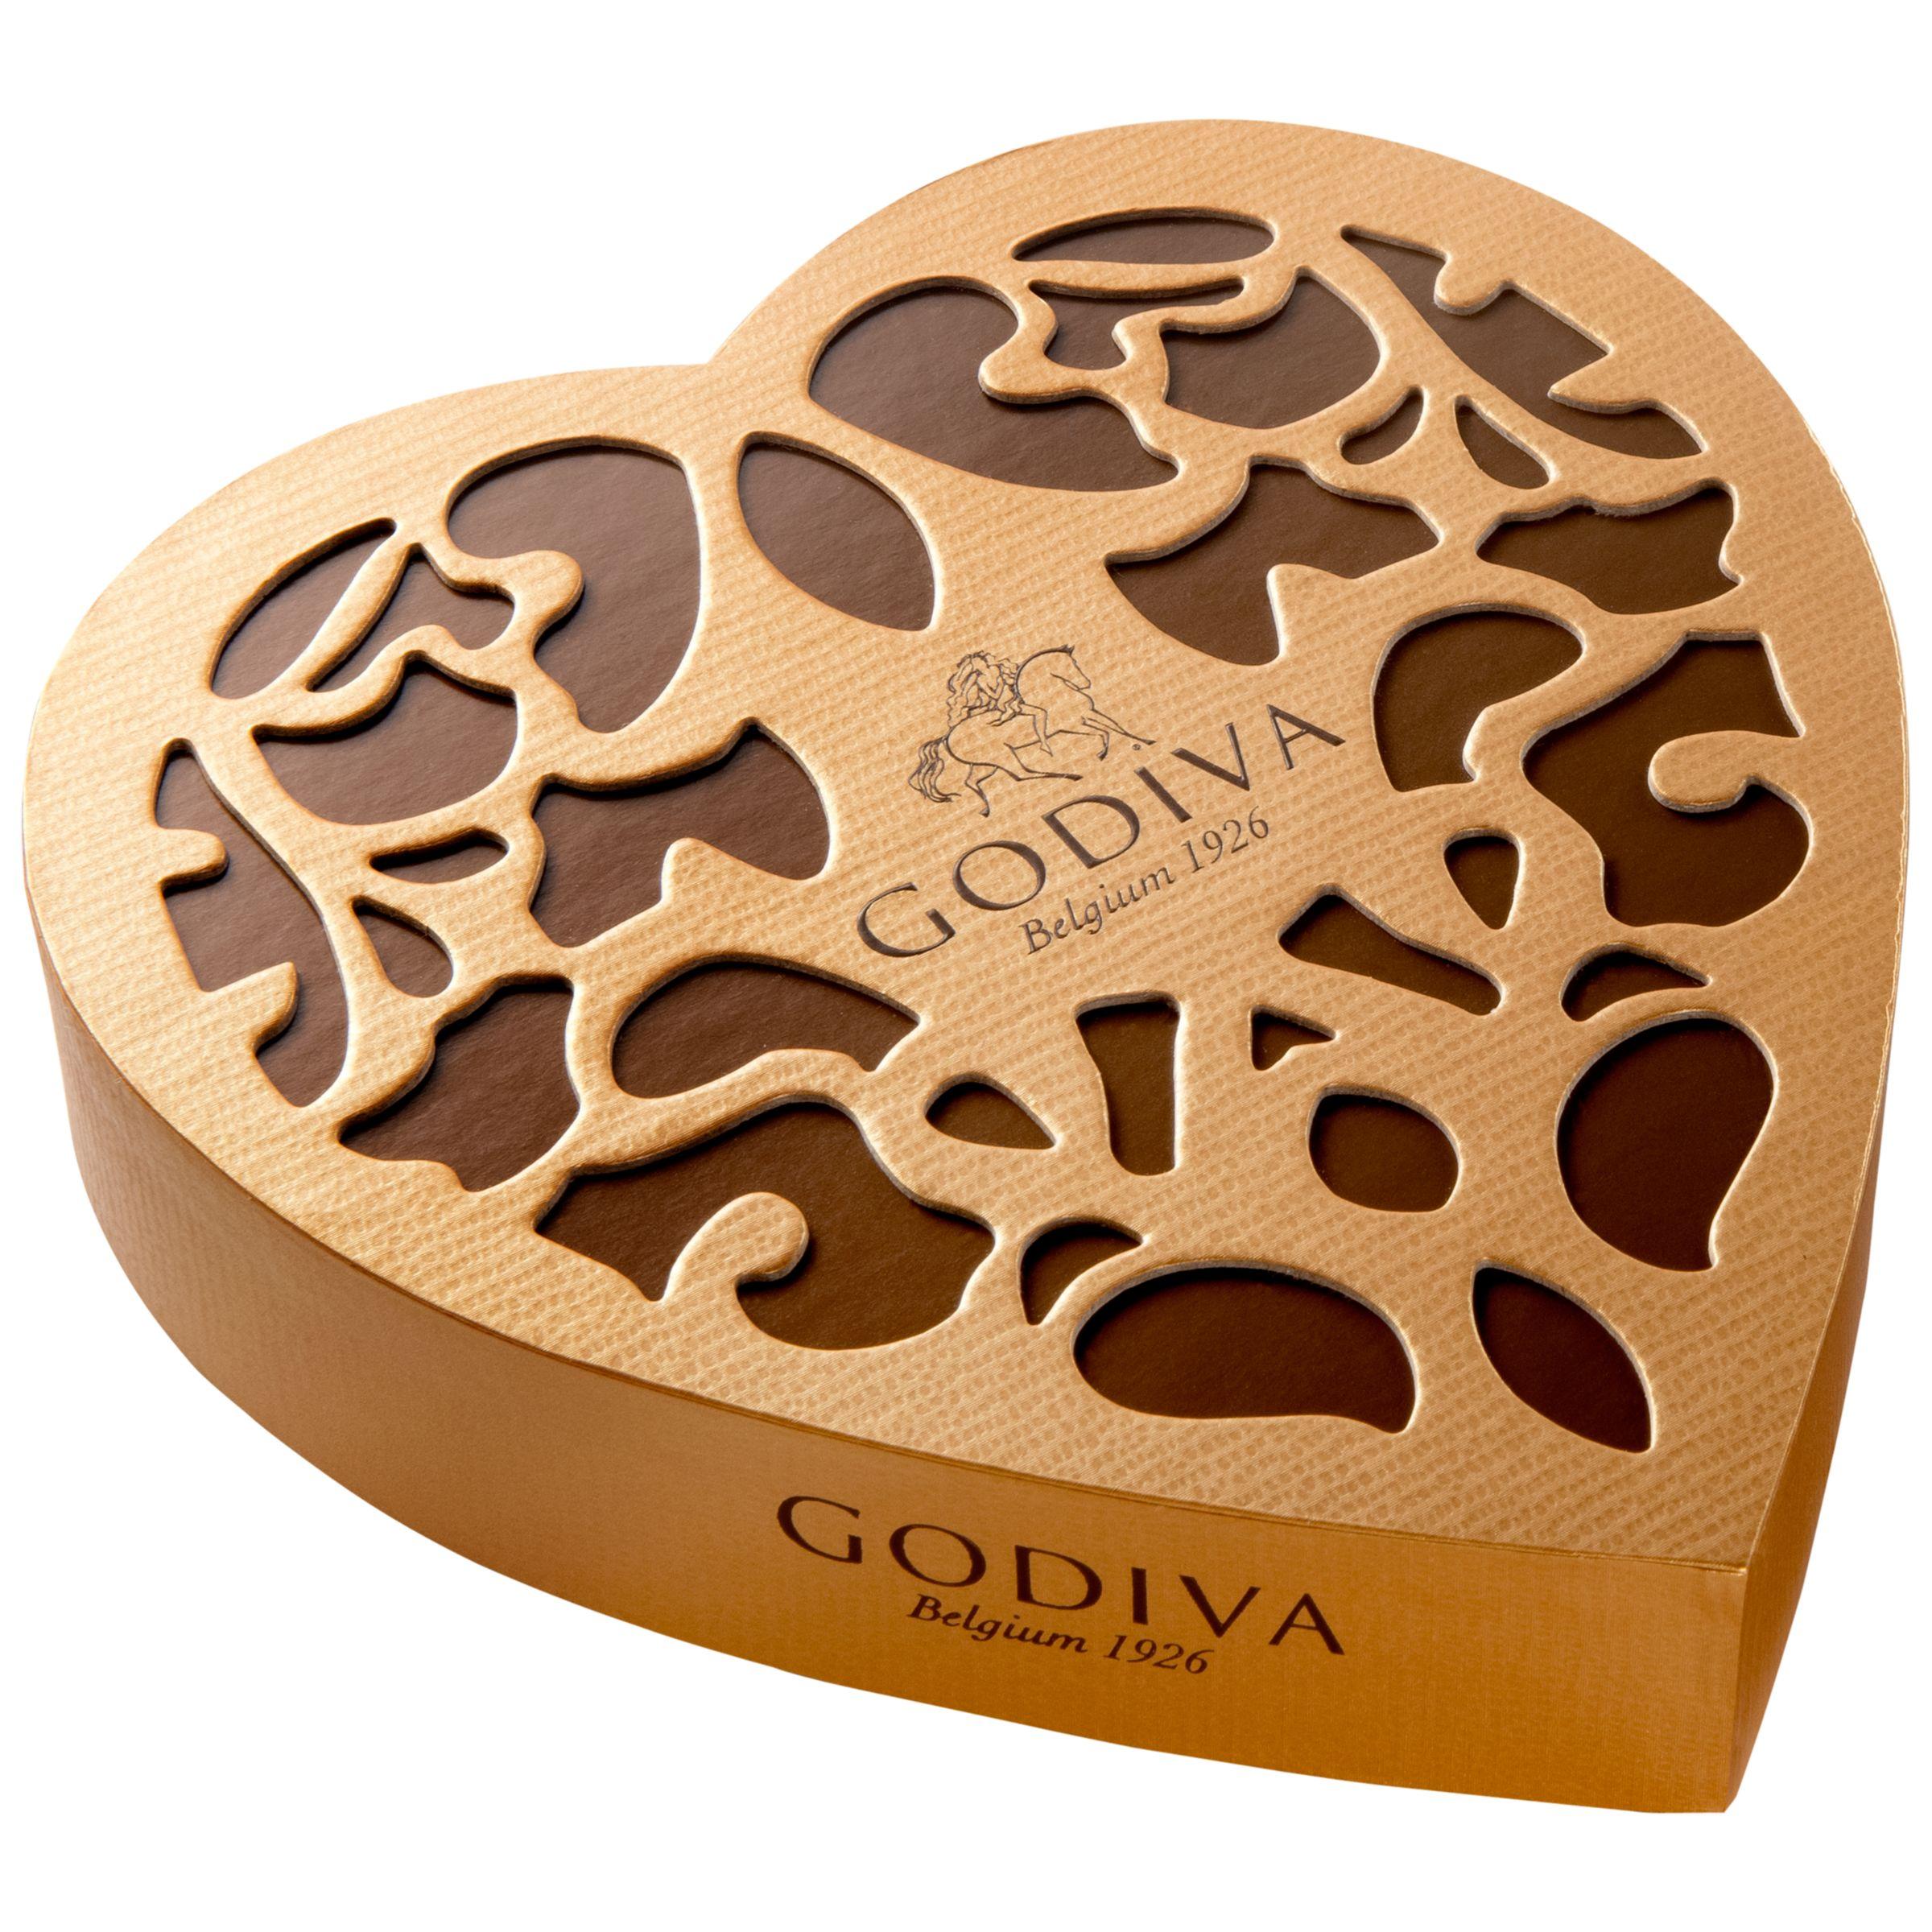 Godiva Godiva Coeur Iconique Chocolate Box, 150g